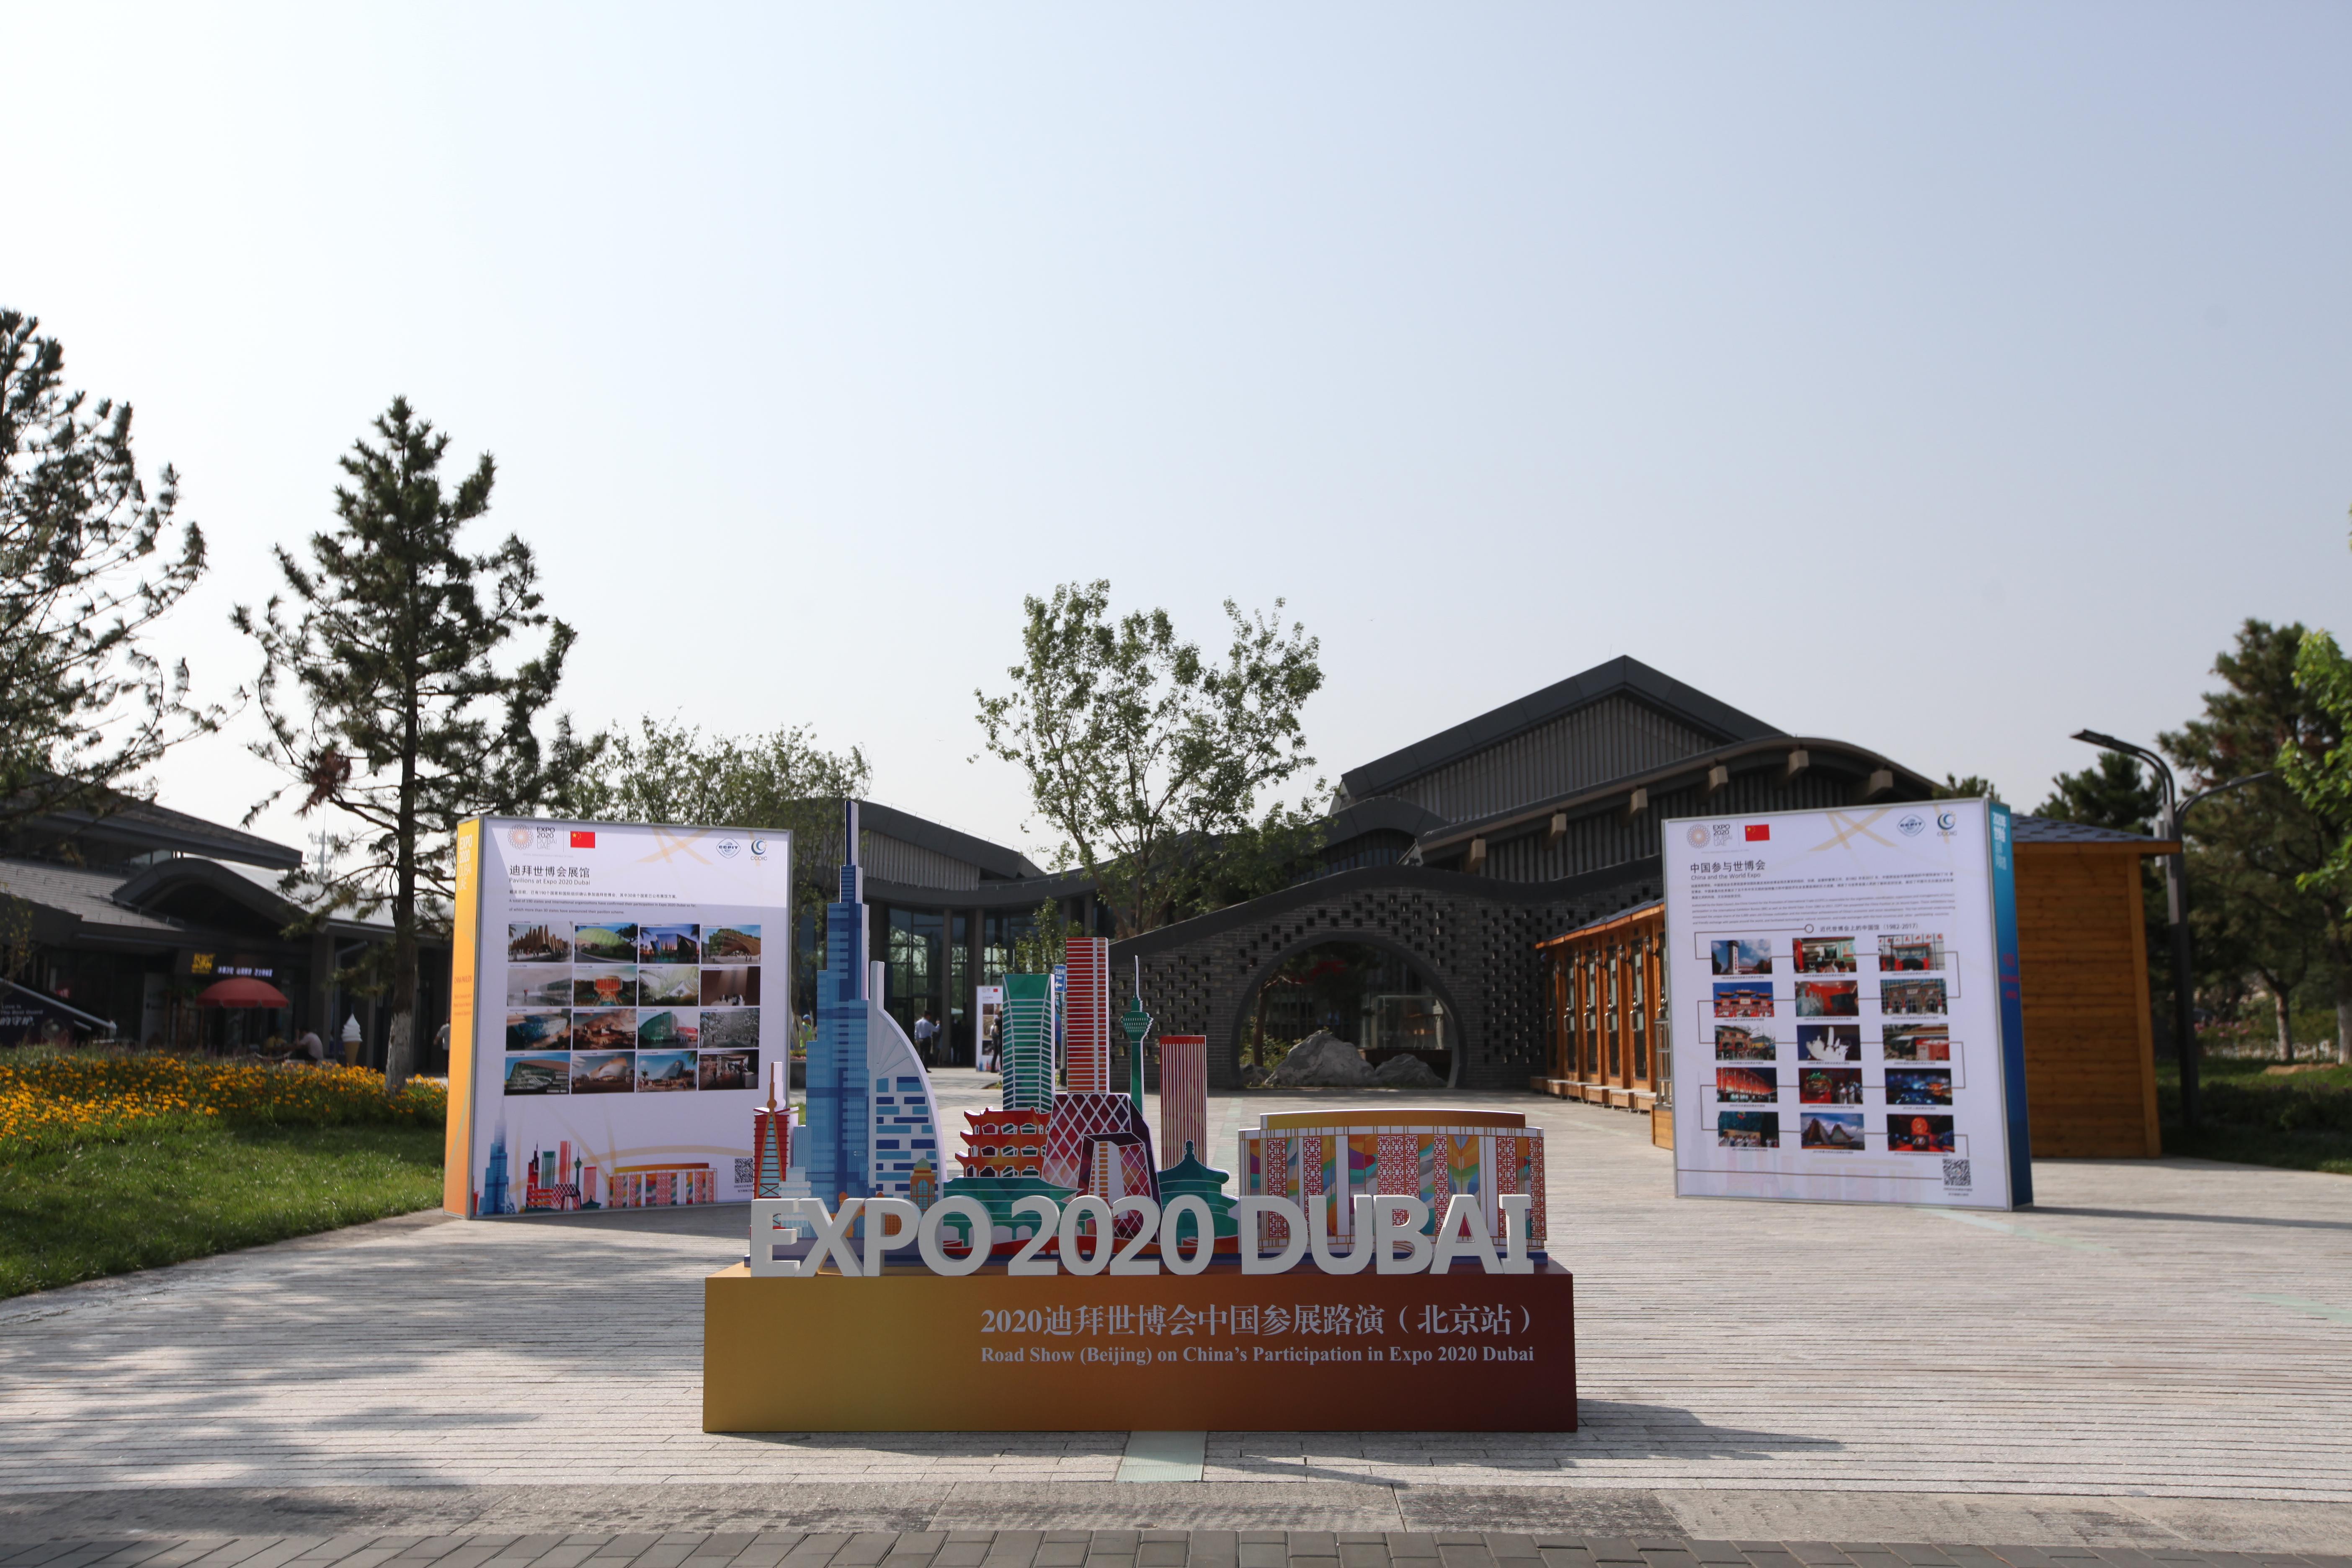 2020沙沙巴体育投注-平台巴体育 外围年迪拜世博会中国馆第二批合作伙伴产生